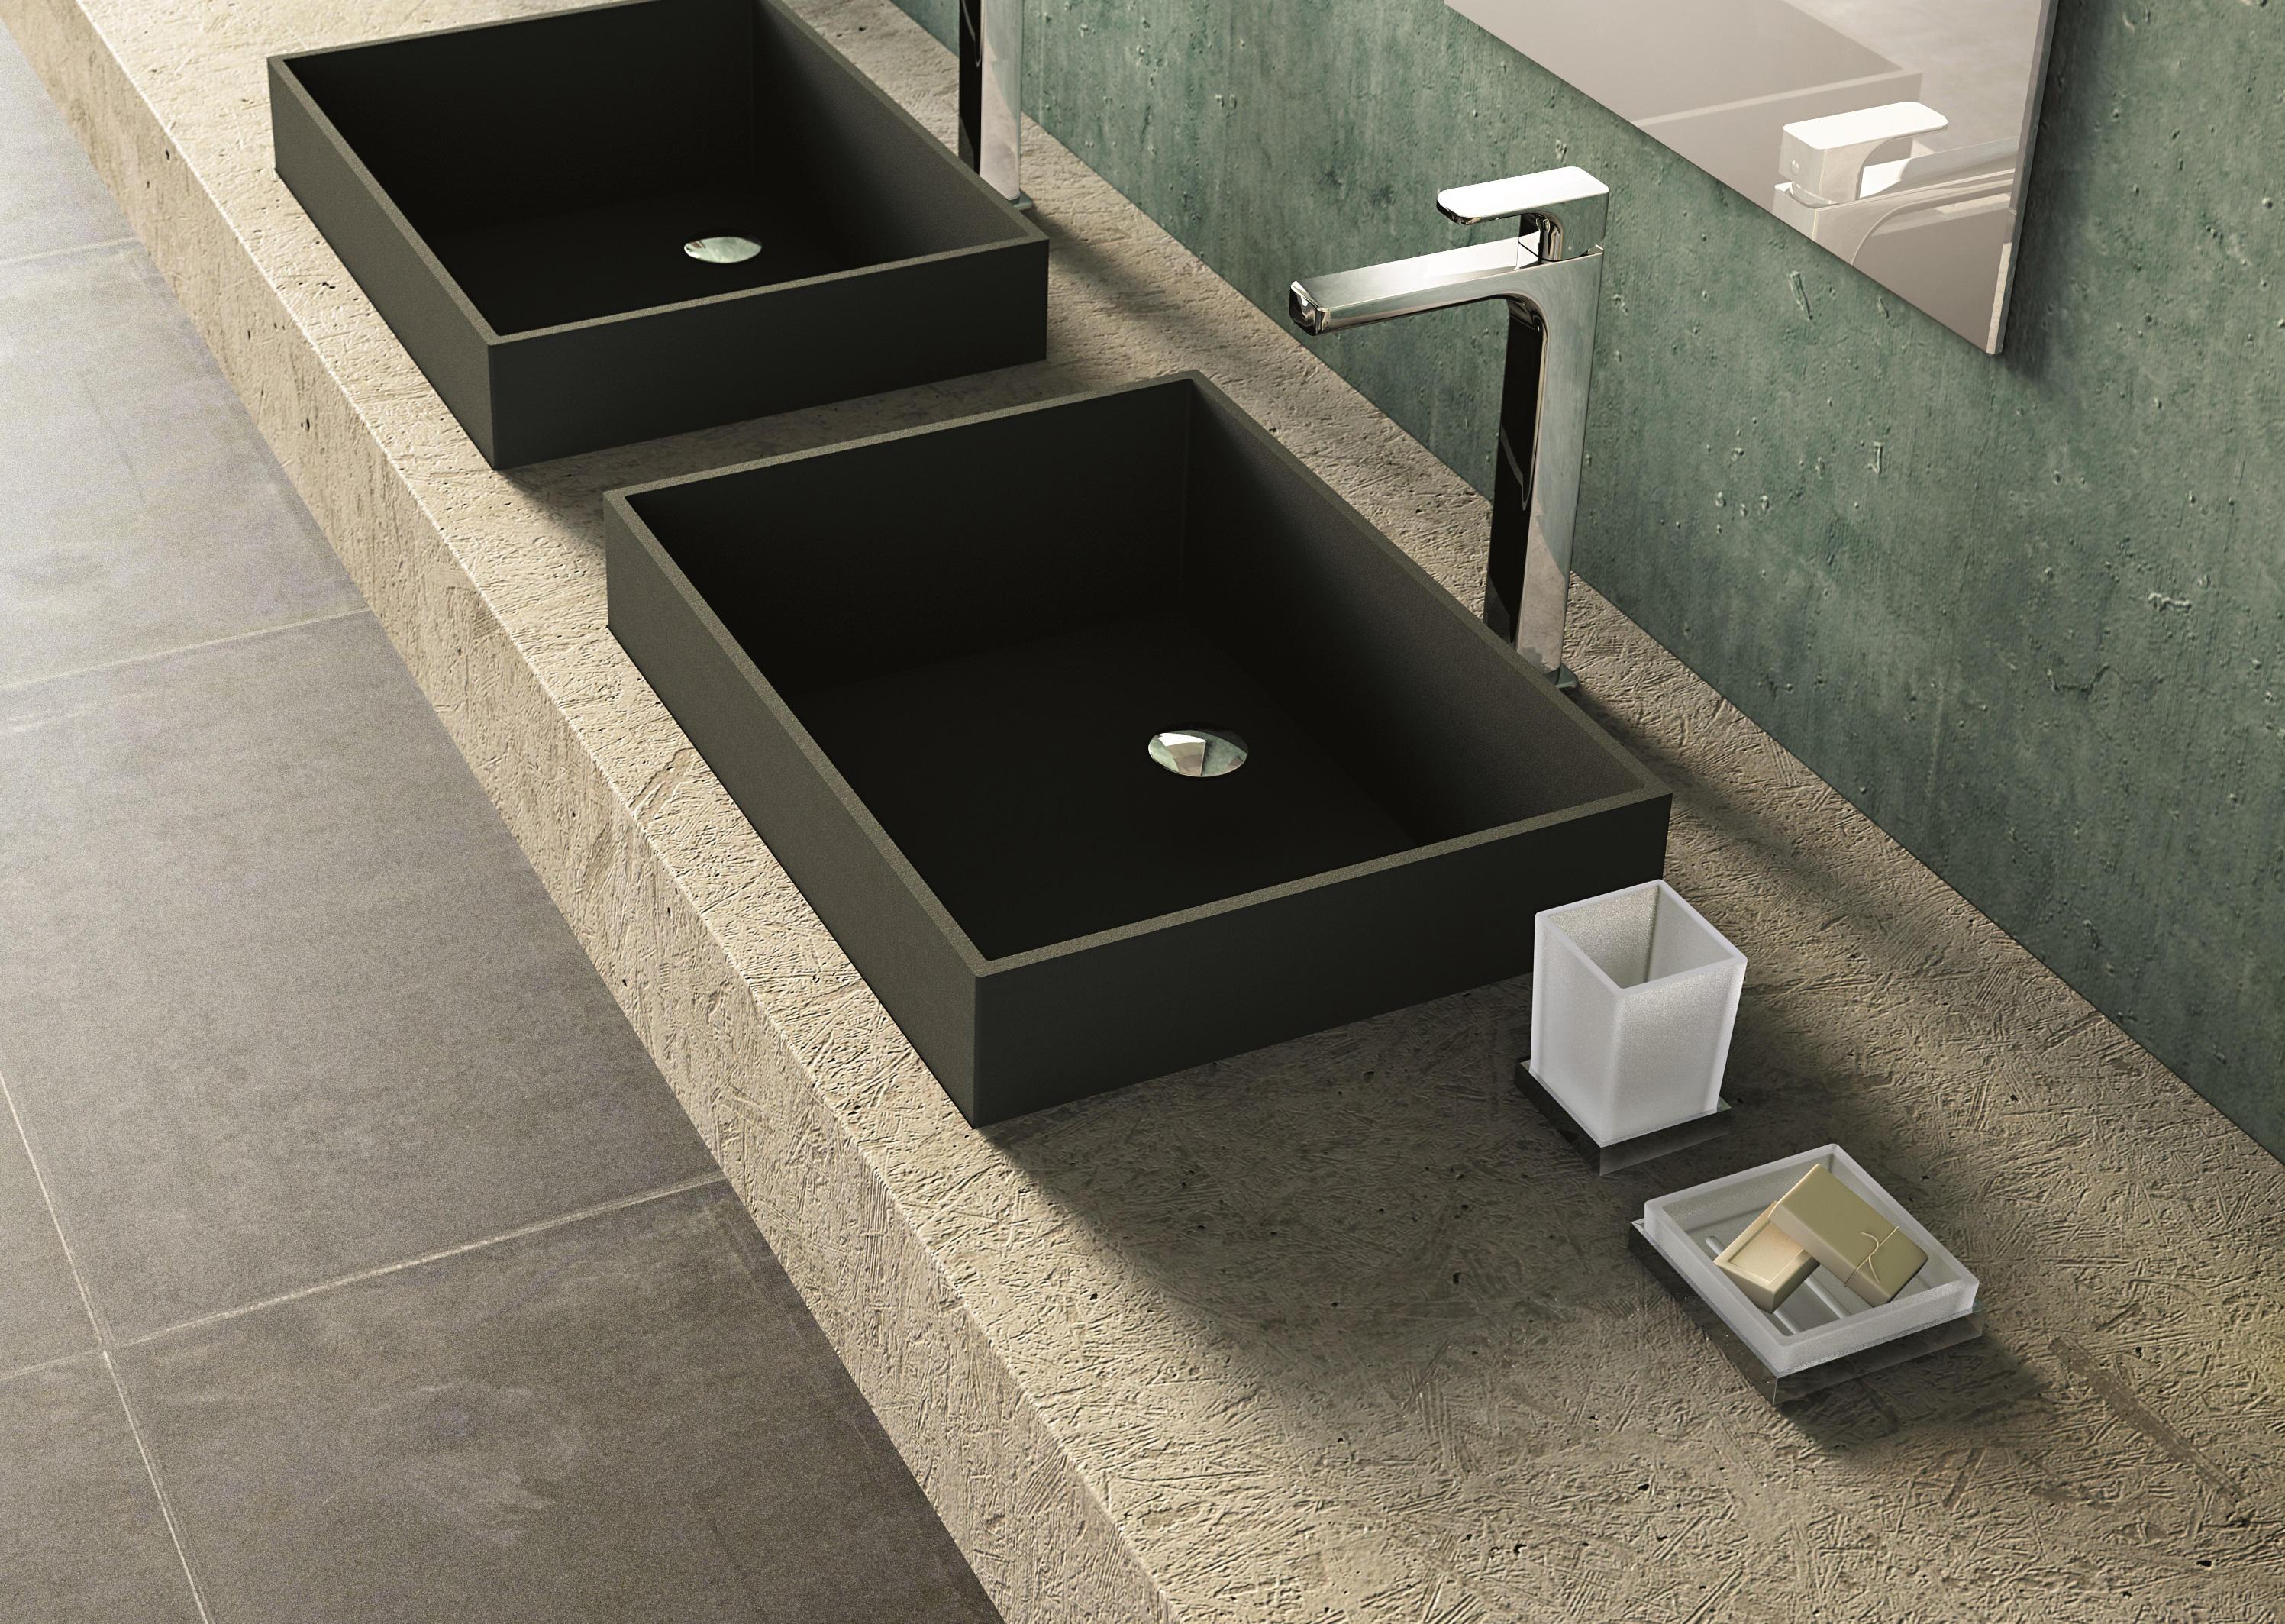 Accessori bagno moderni portasapone fir italia architonic - Accessori moderni bagno ...